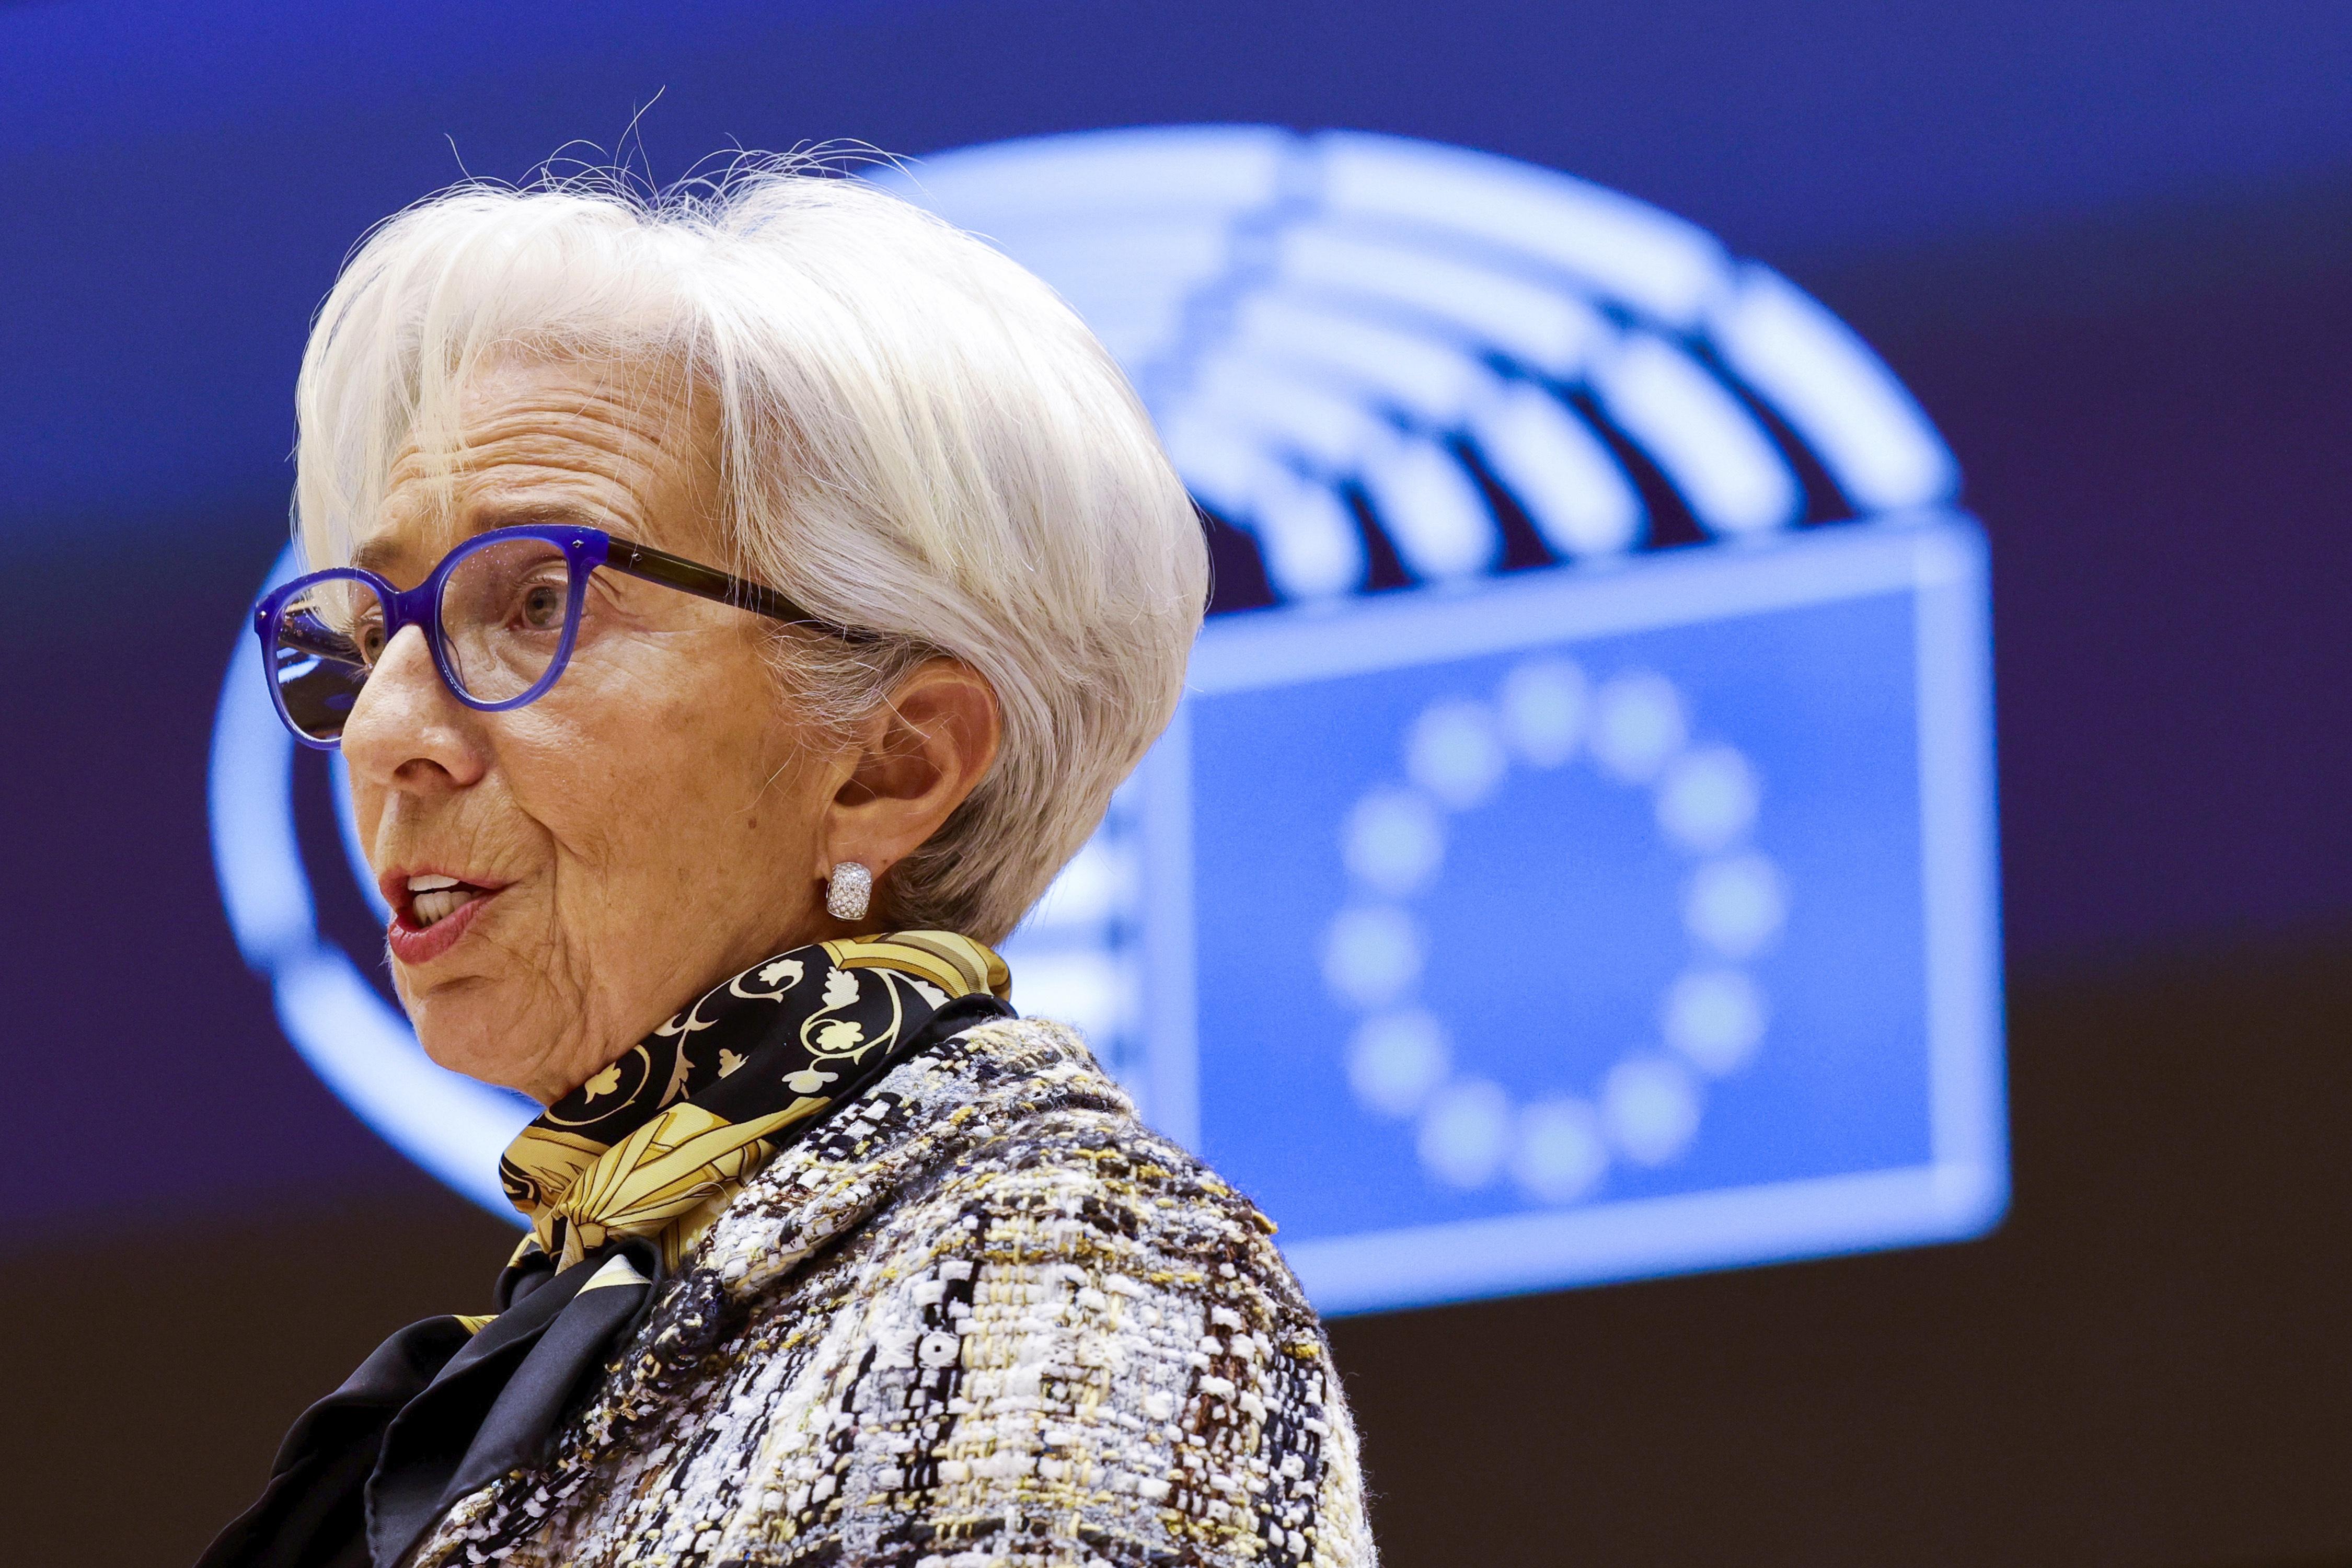 La presidenta del BCE, Christina Lagarde, en una imagen de febrero.